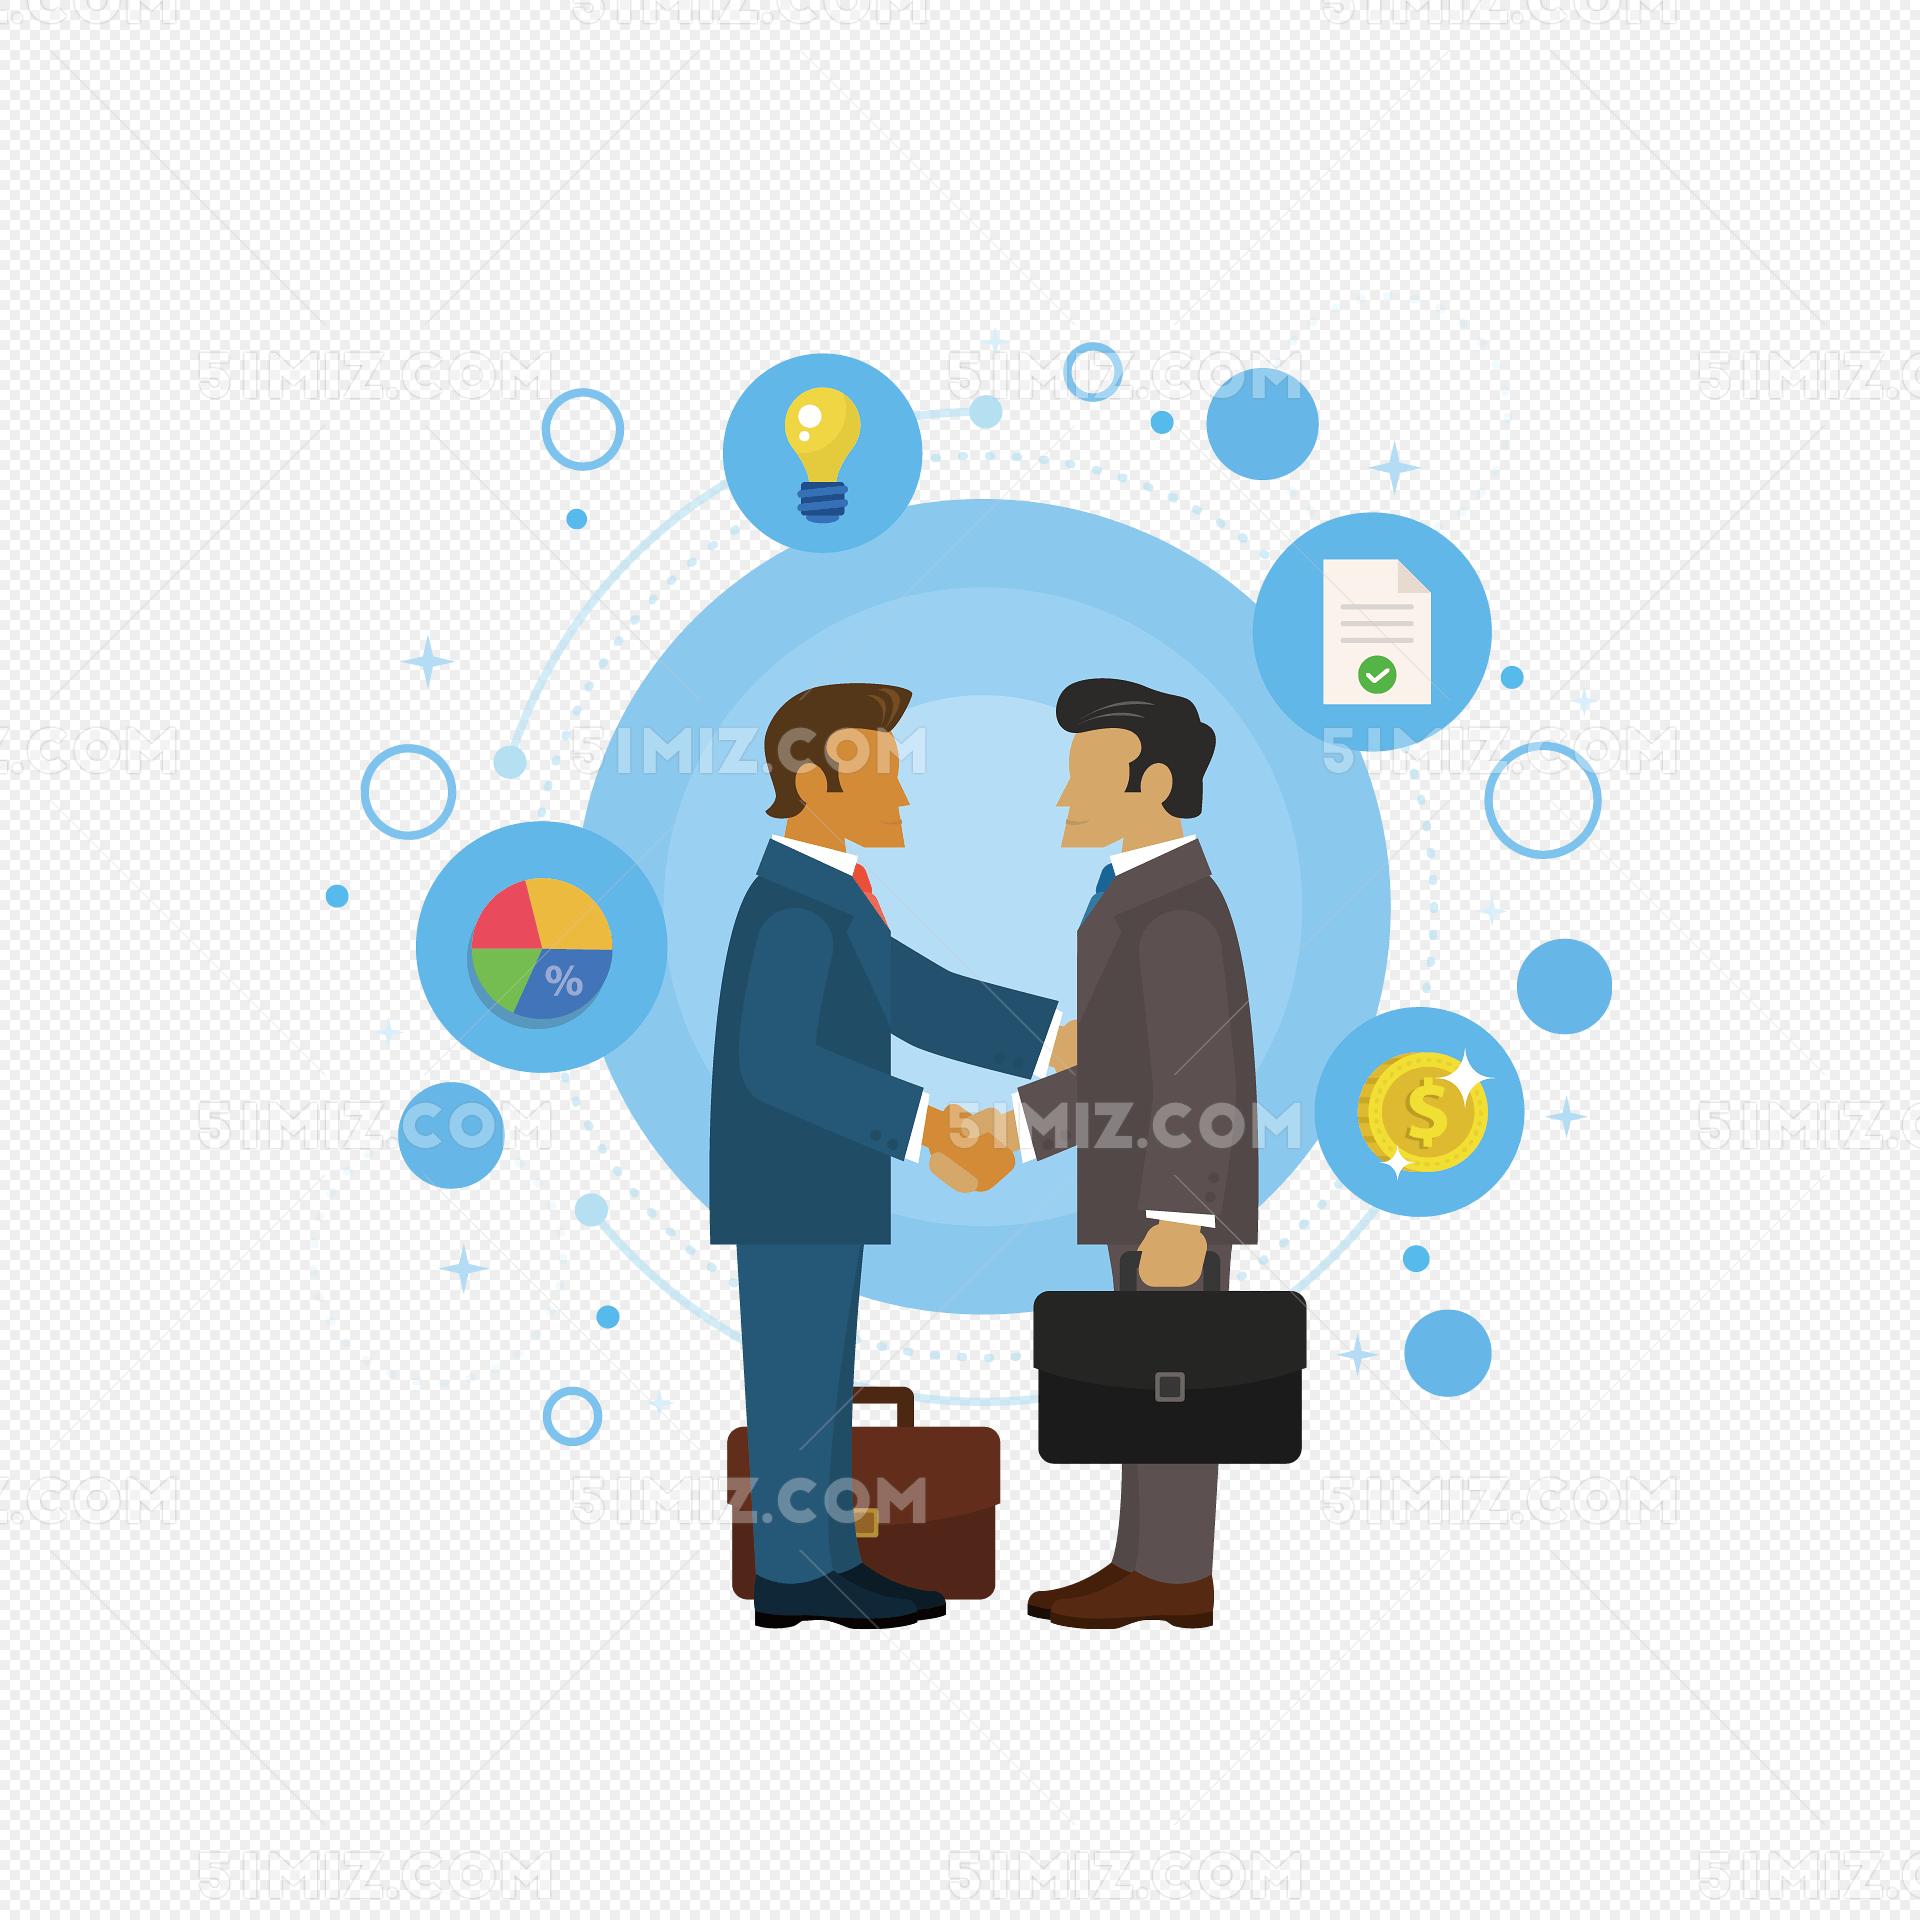 矢量手绘握手的两个人图片